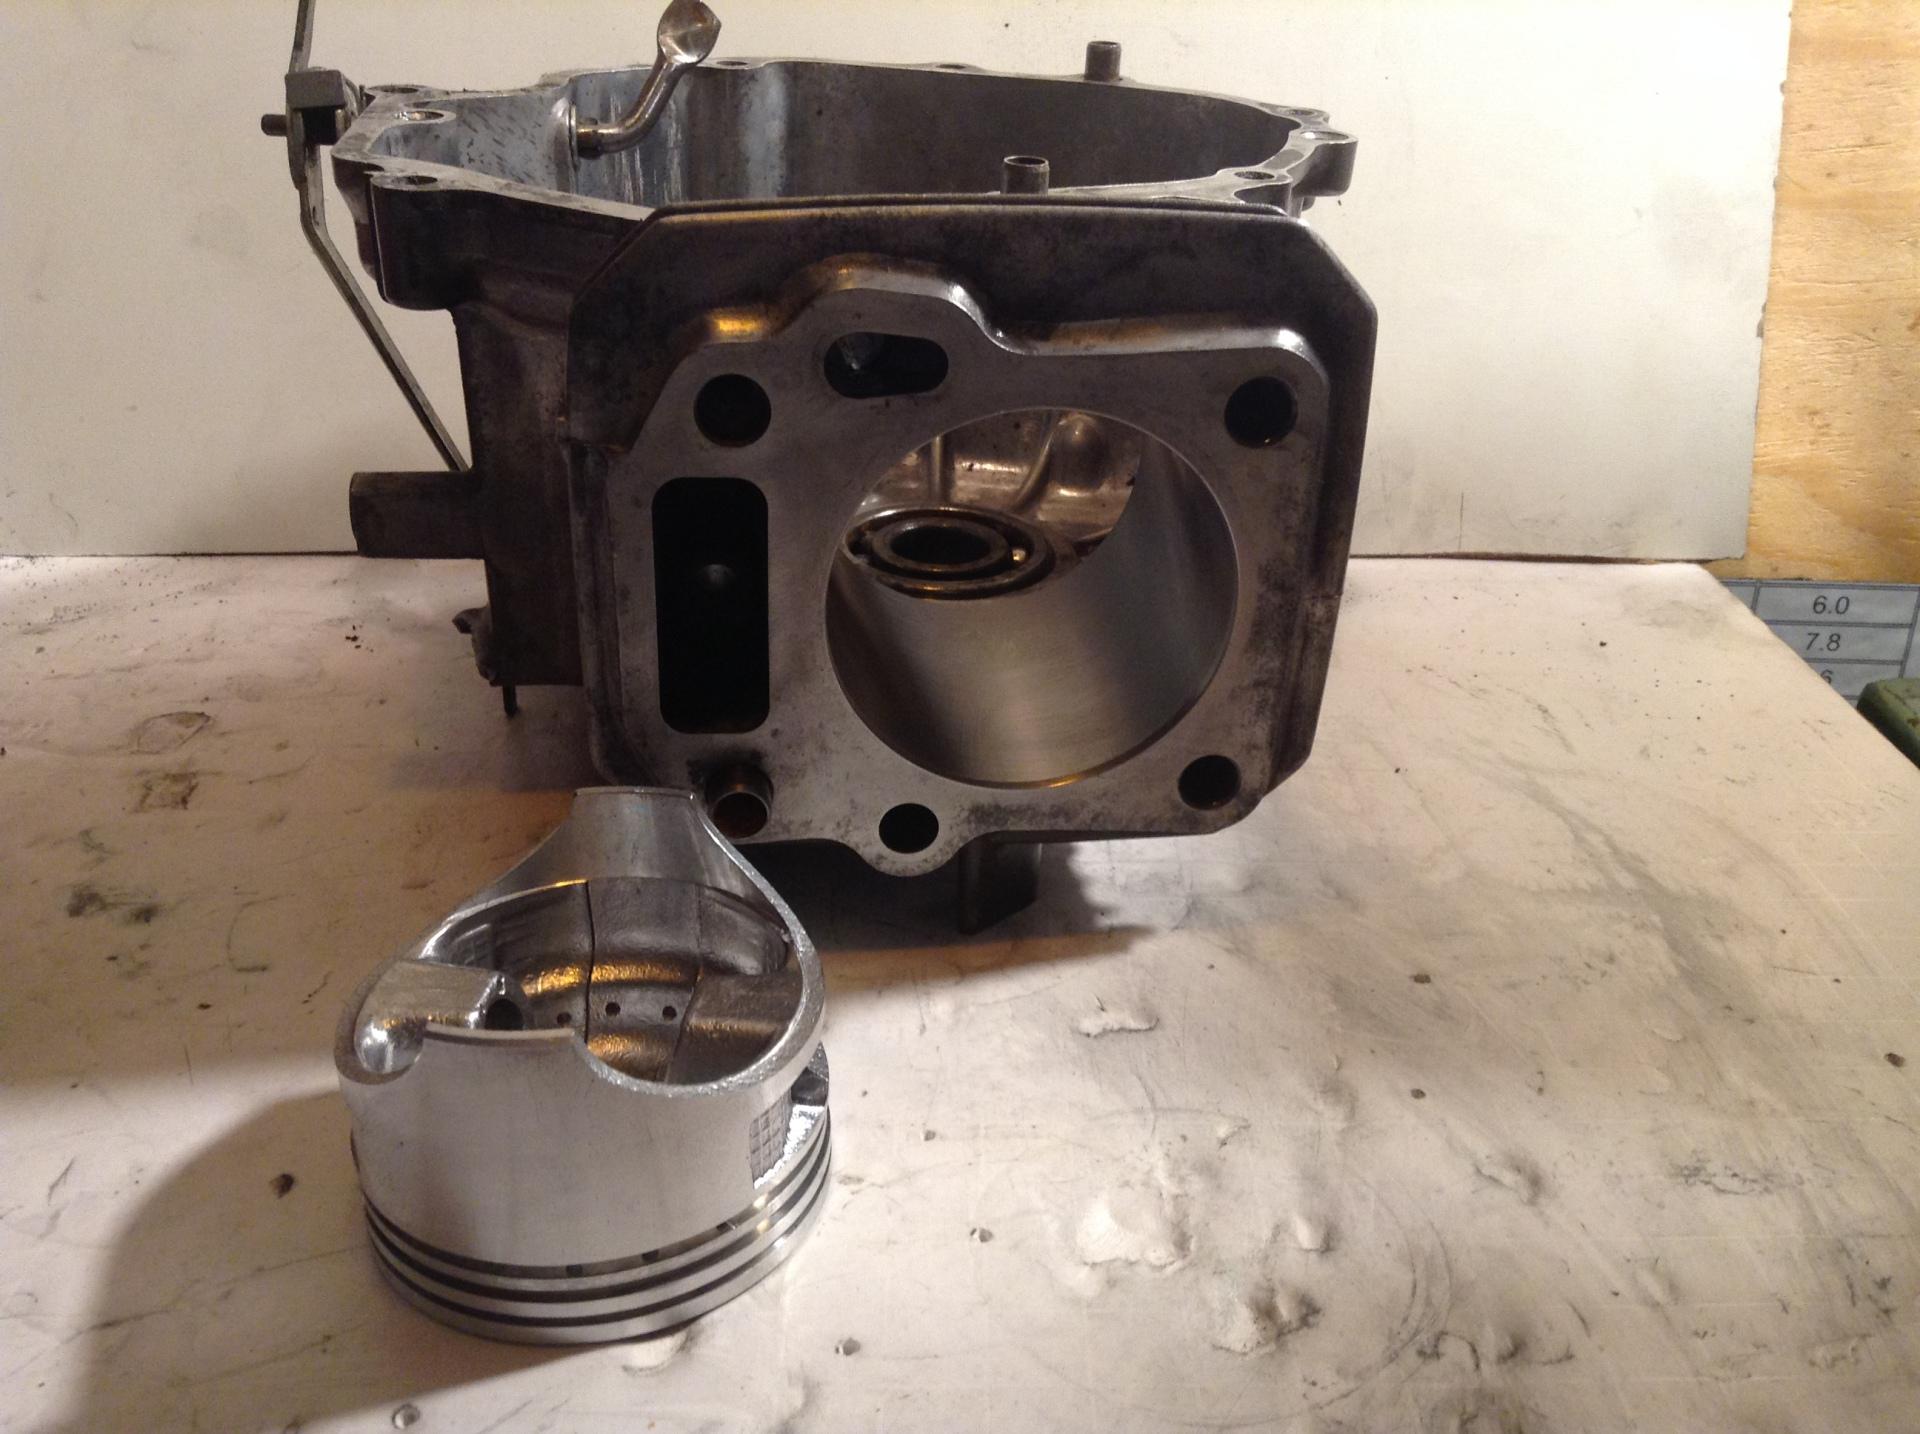 100+ Small Engine Hone Machine – yasminroohi